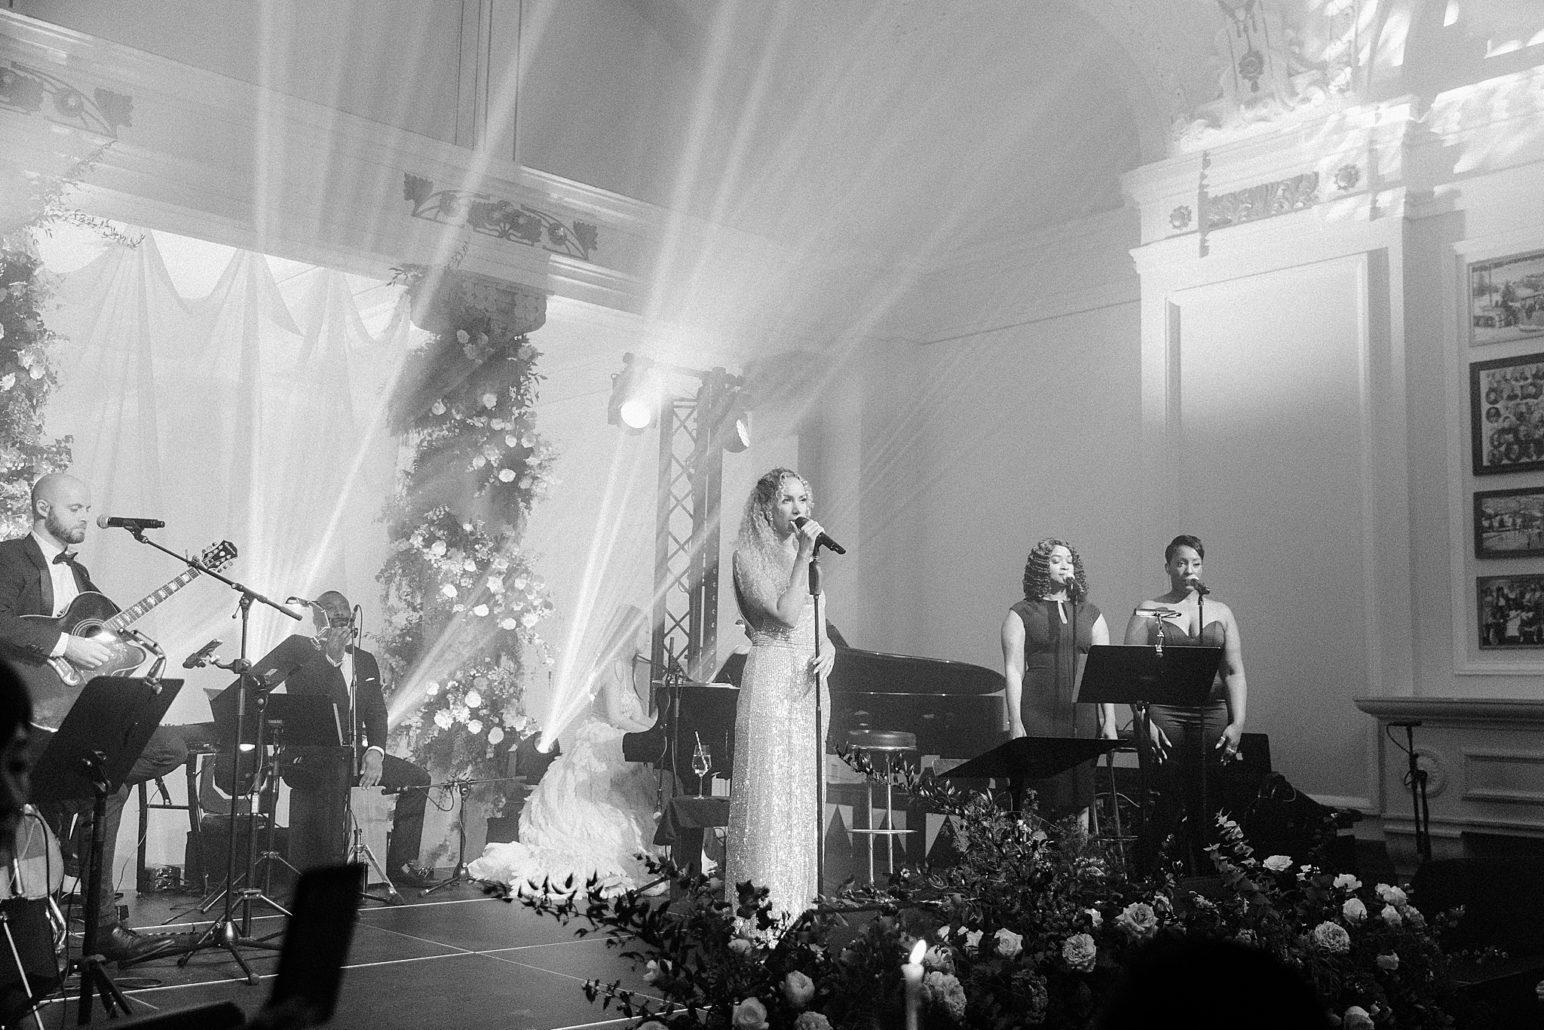 davidandkathrin.com-wedding-photographer-switzerland-hochzeitsfotograf-schweiz-flims-leona-lewis-concert-52